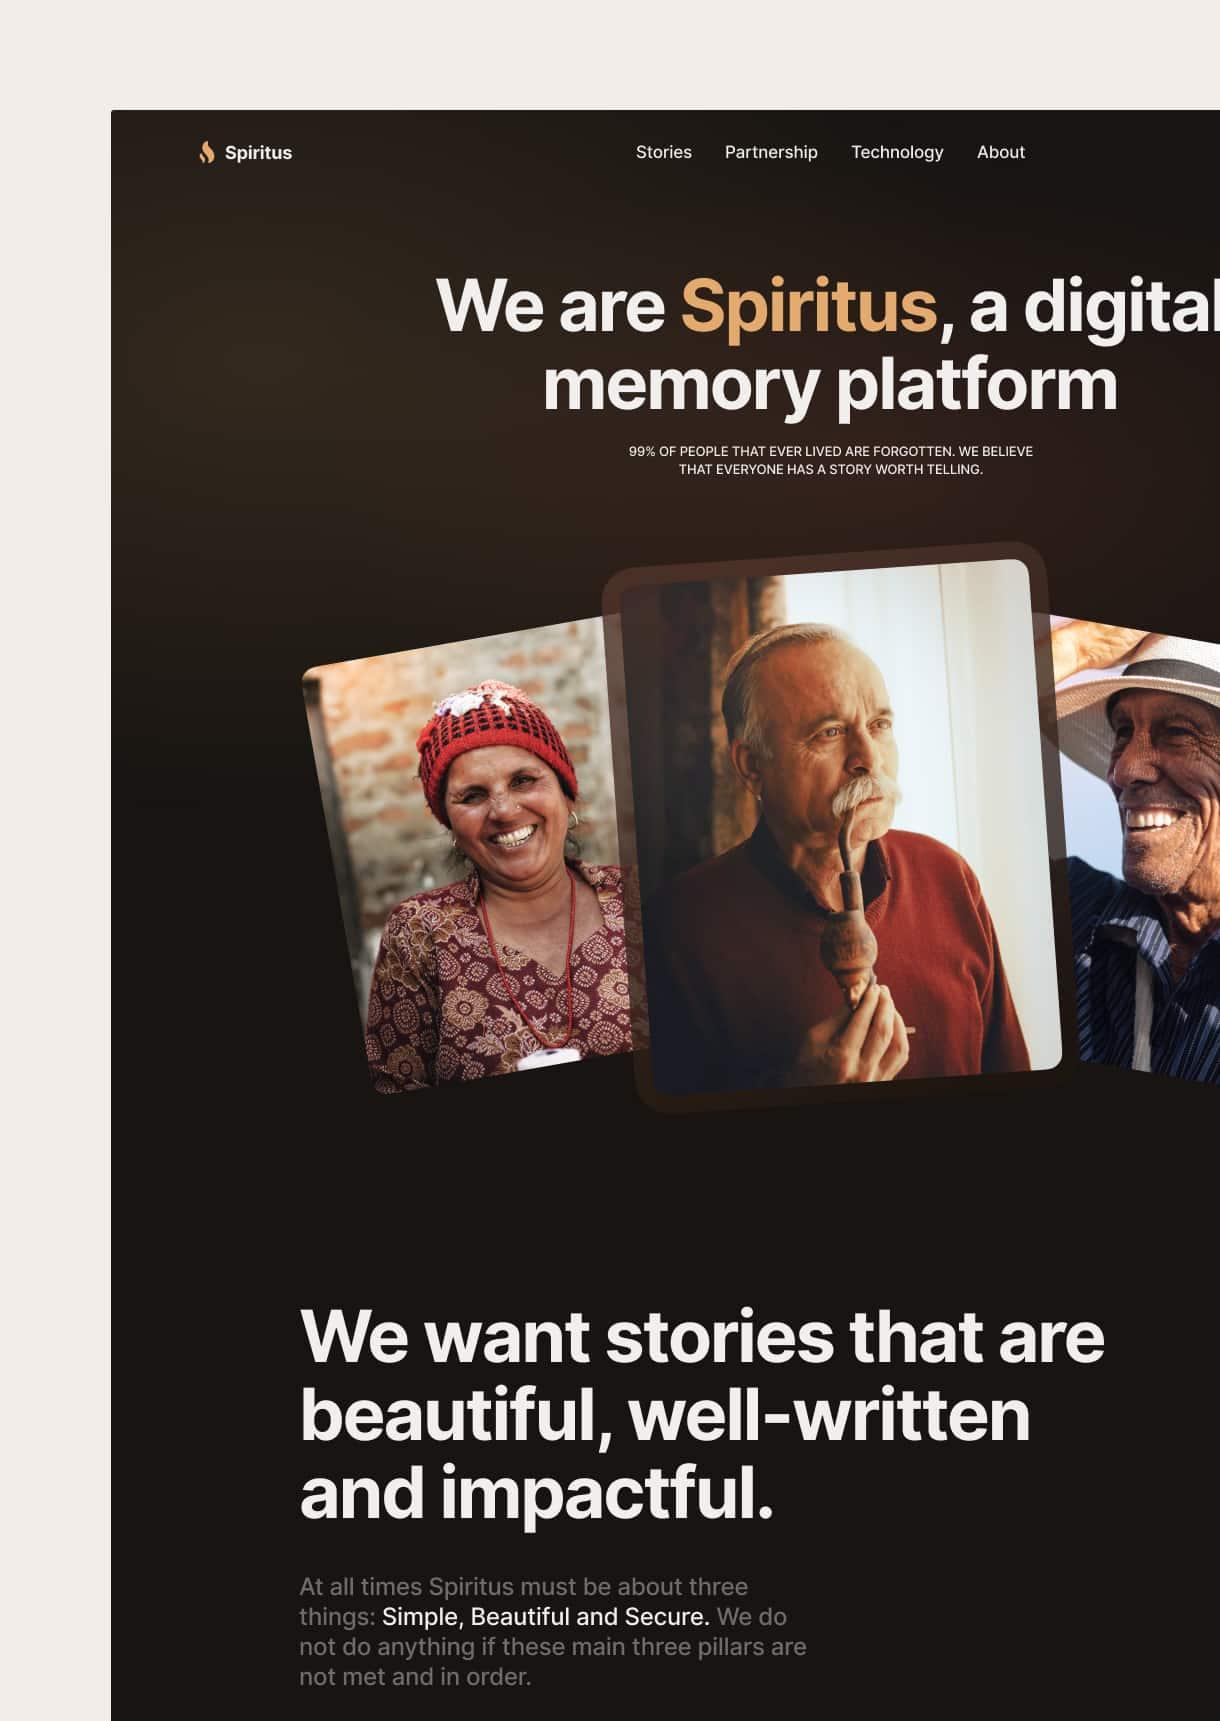 Spiritus Memoria startup project image